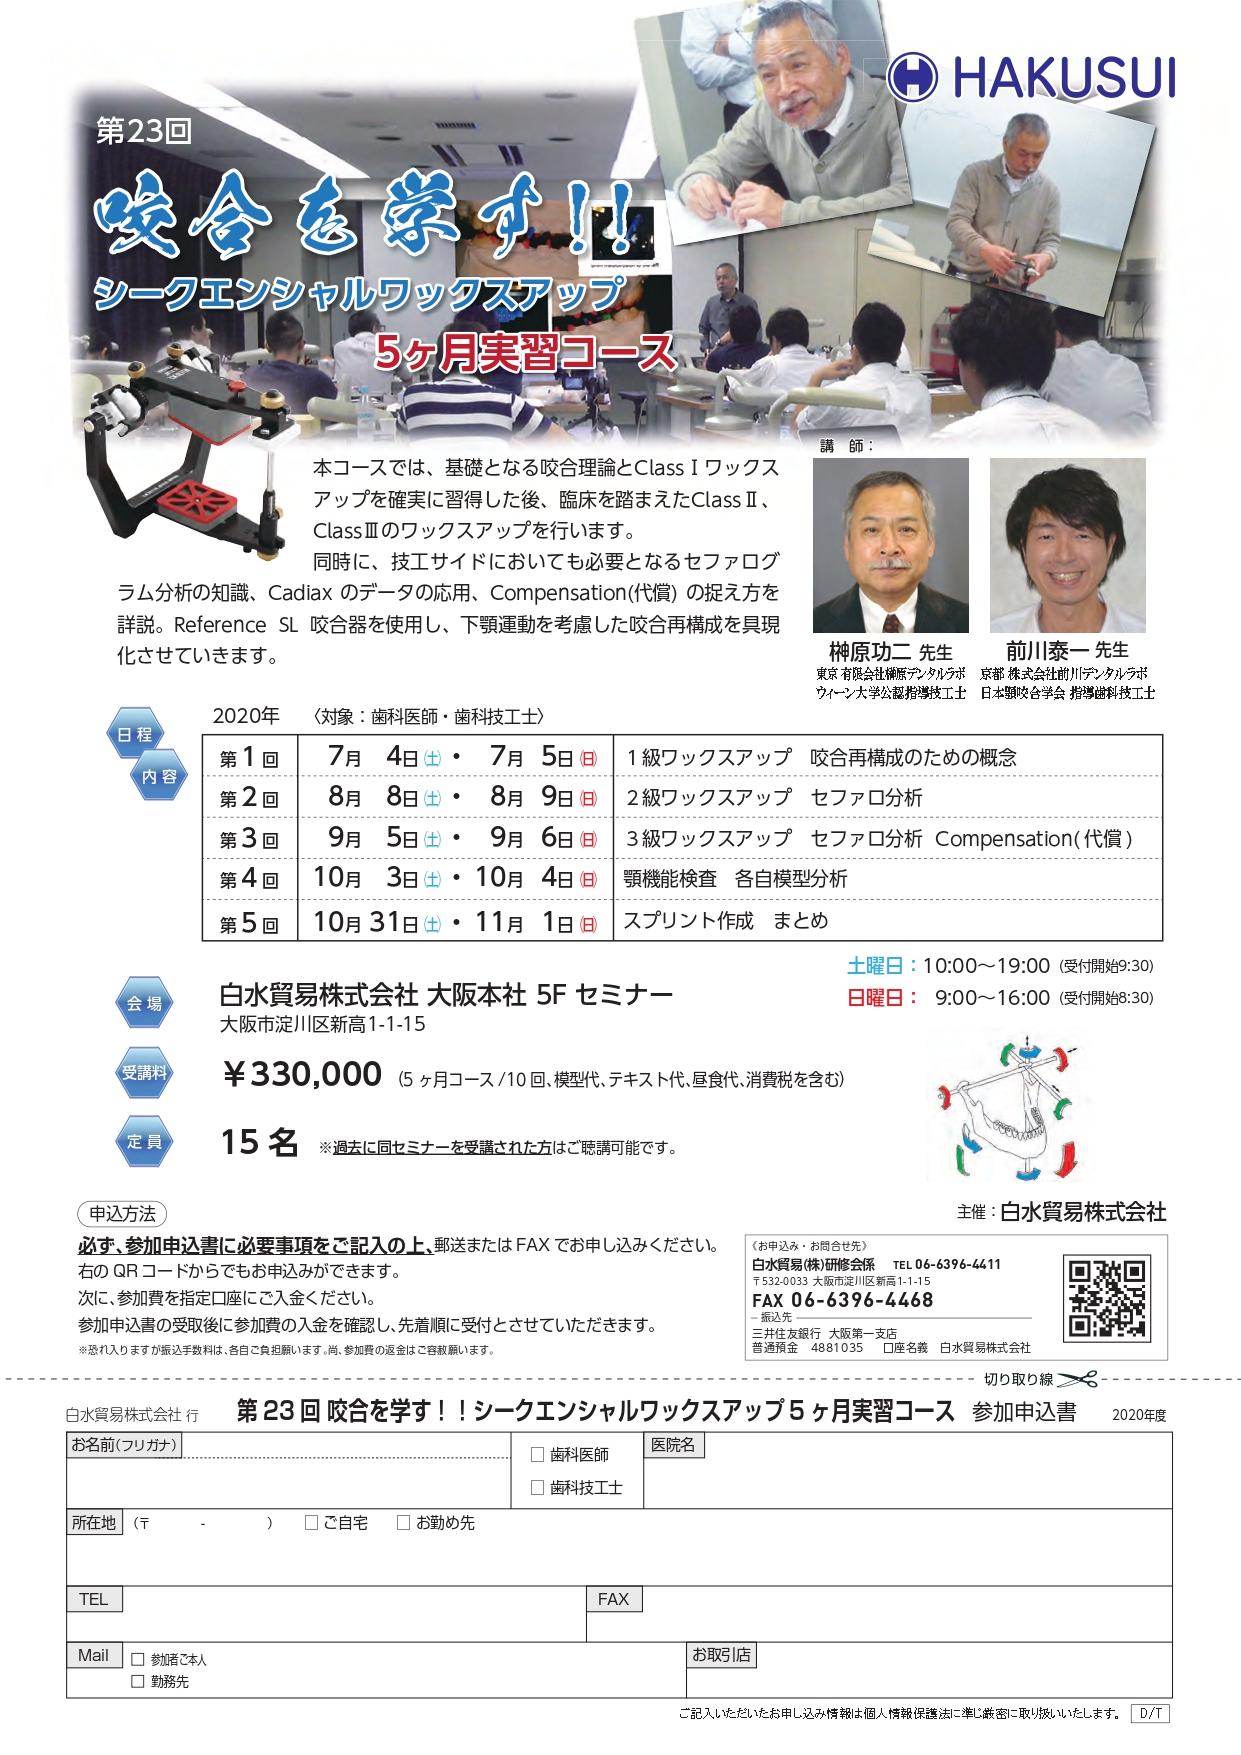 【第23回】 咬合を学す!! シークエンシャルワックスアップ5ヶ月実習コース